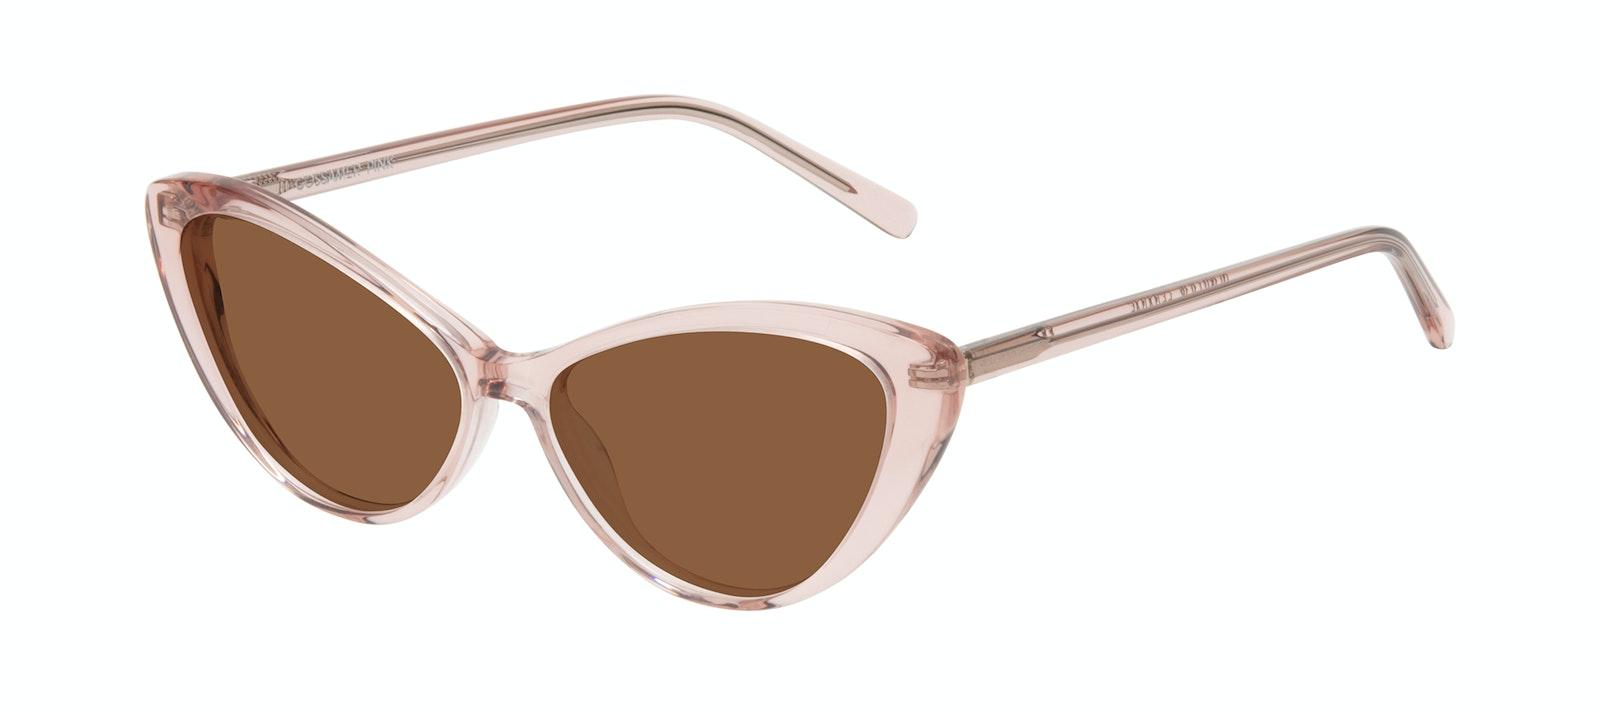 Lunettes tendance Oeil de chat Lunettes de soleil Femmes Gossamer Pink Incliné